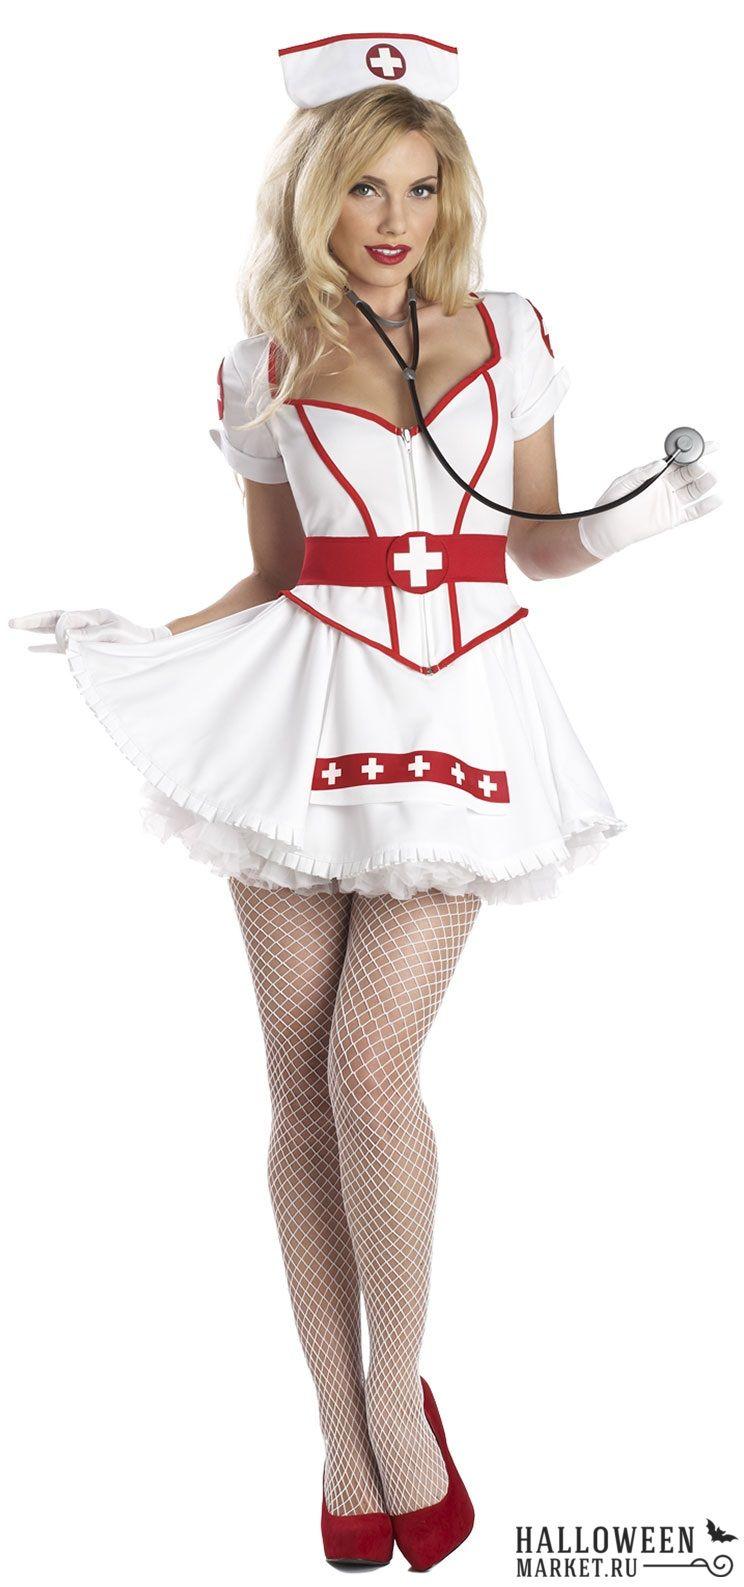 Сексуальные образы медсестра